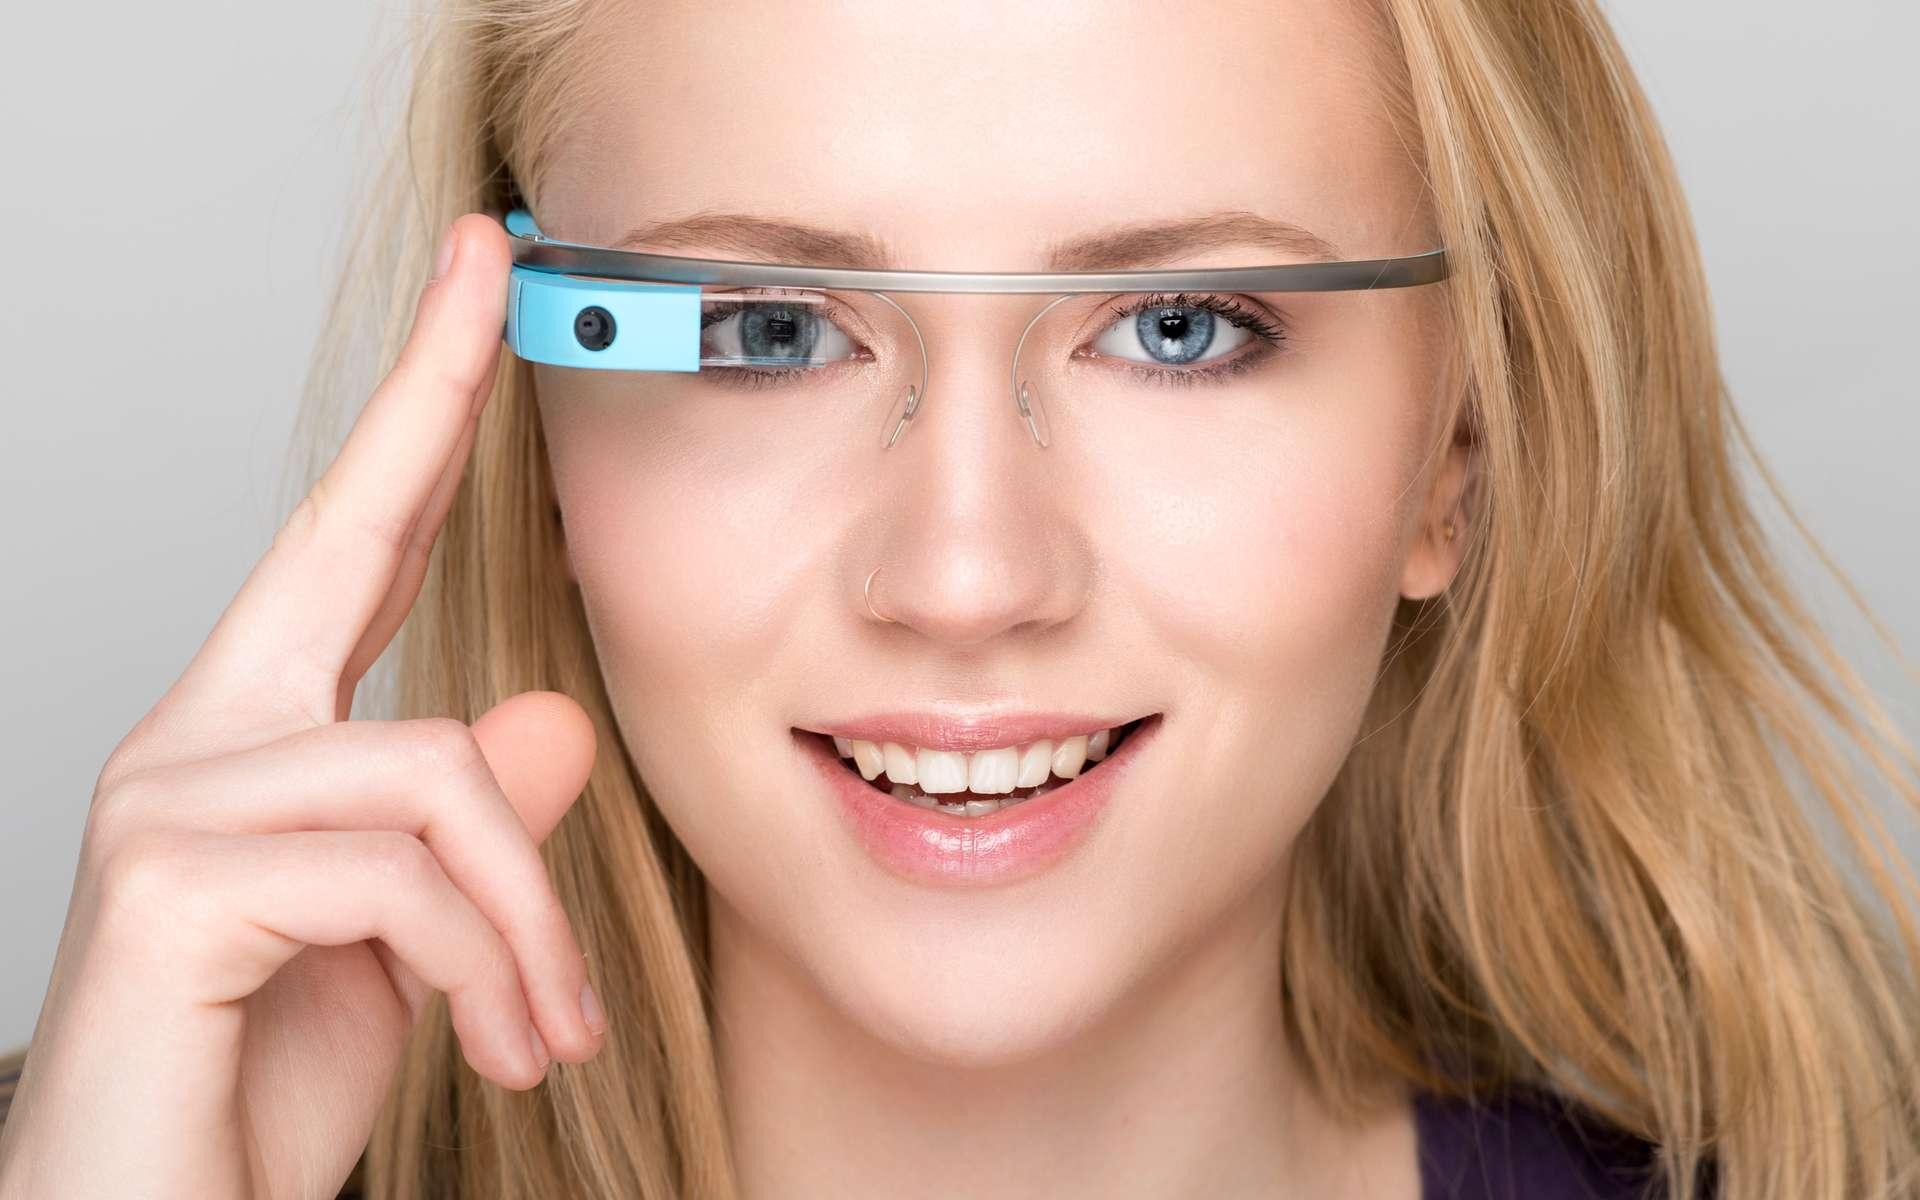 Lancée en fanfare en 2013, les Google Glass n'ont finalement pas convaincu. Google n'a pourtant pas abandonné le concept. © Giuseppe Costantino, Shutterstock